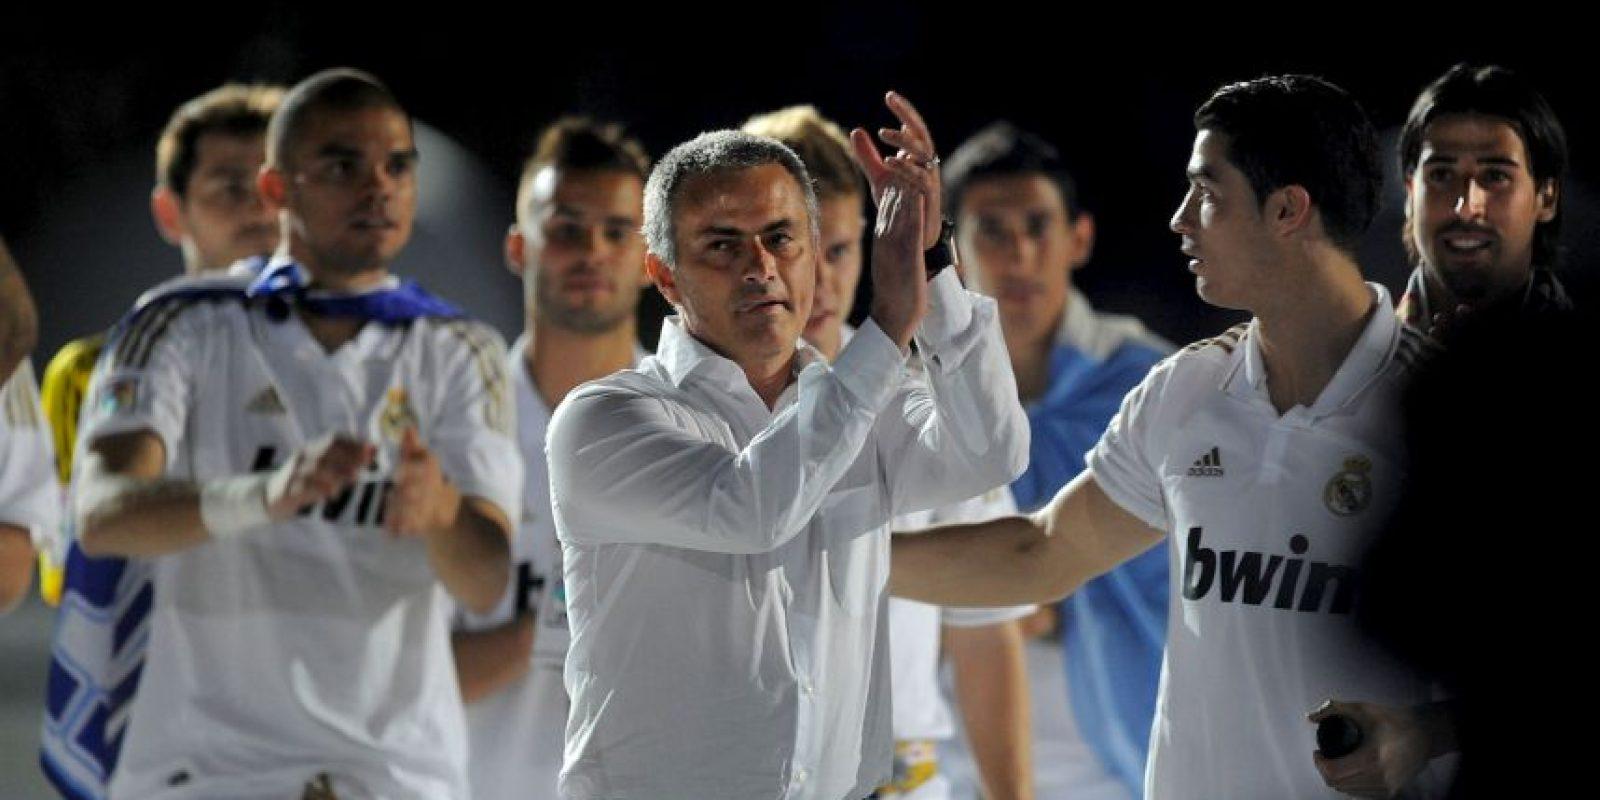 En la Copa del Rey de 2013, Jose Mourinho decidió no subir a recoger su medalla de subcampeón, porque fue expulsado en el segundo tiempo del partido. Fue su suplente, Aitor Karanka, quien tuvo que pasar por los premios del portugués. Foto:Getty Images